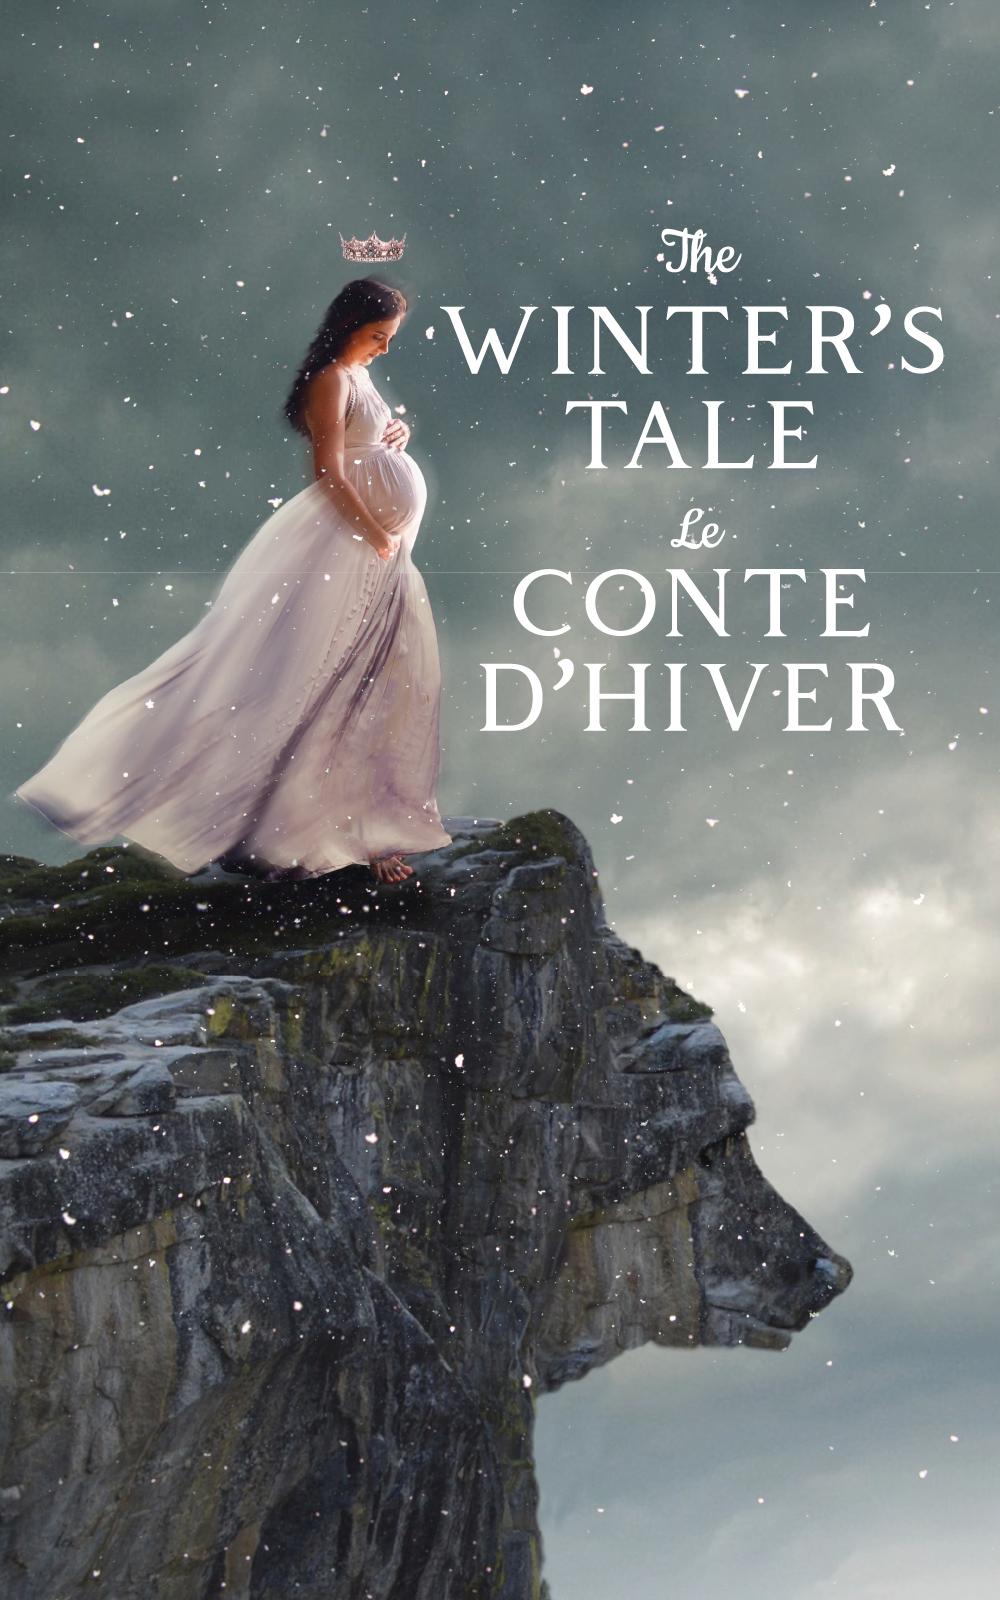 The Winter Tale / Le Conte D'Hiver